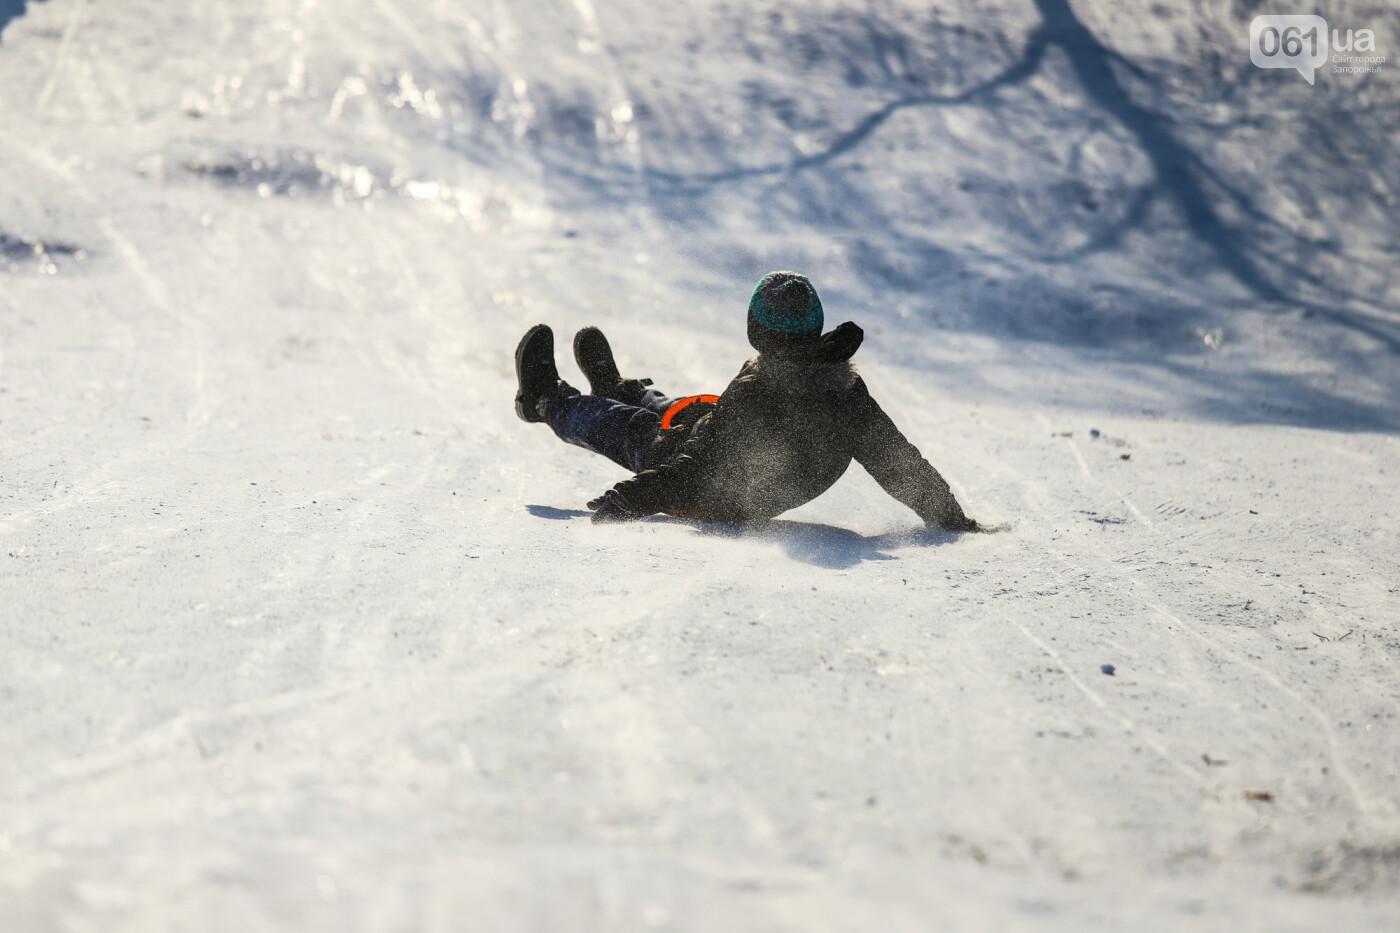 На санках, лыжах и сноуборде: запорожцы устроили массовое катание с горок в Вознесеновском парке, - ФОТОРЕПОРТАЖ, фото-45